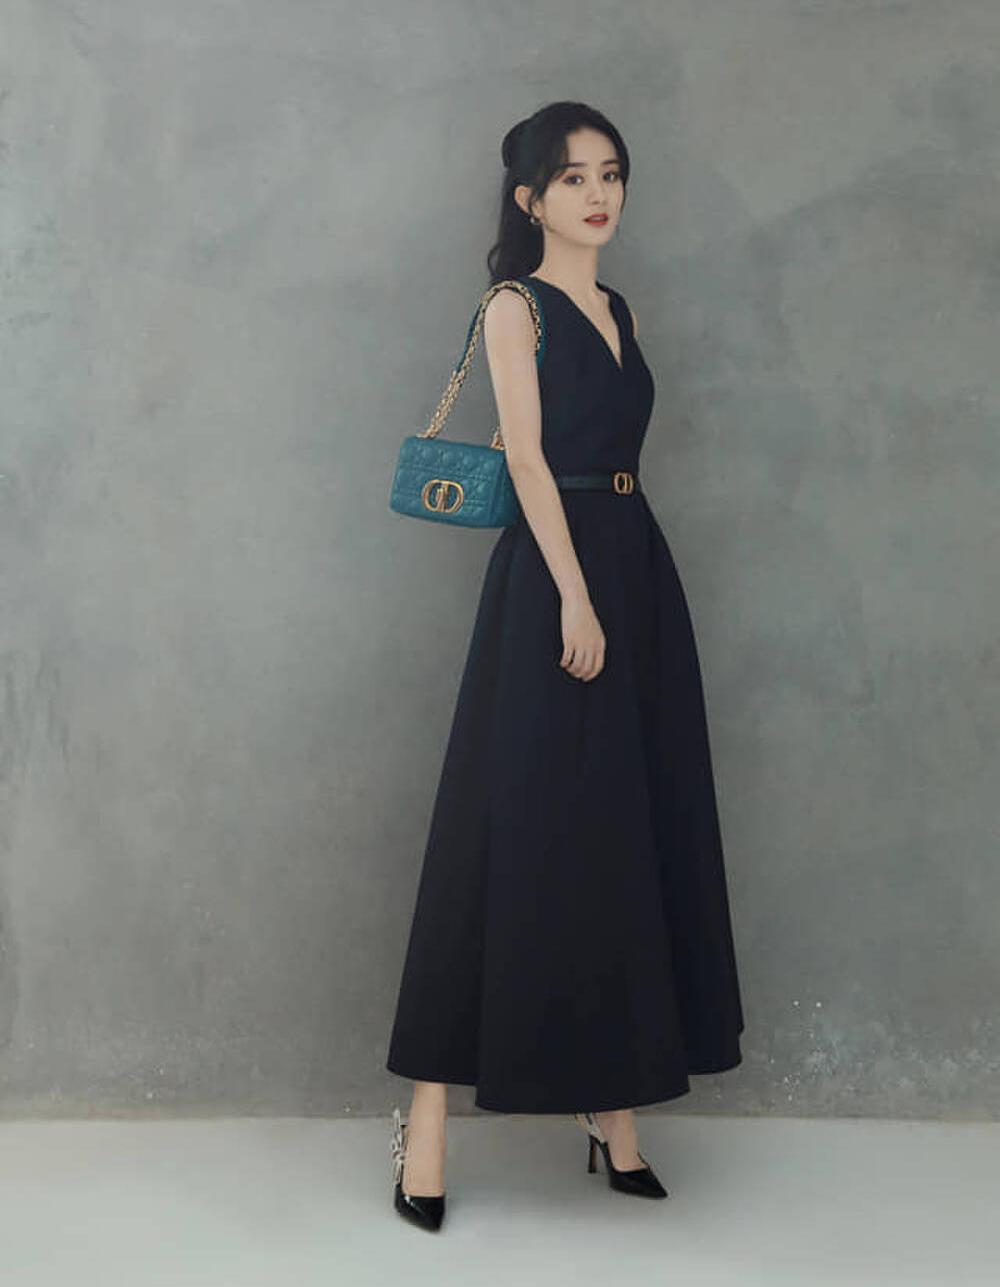 Trong các sự kiện gần đây của Dior, Triệu Lệ Dĩnh luôn xuất hiện xứng tầm danh phận đại sứ thương hiệu. Cô phù hợp với phong cách trang nhã, thanh lịch của nhà mốt cao cấp nước Pháp.